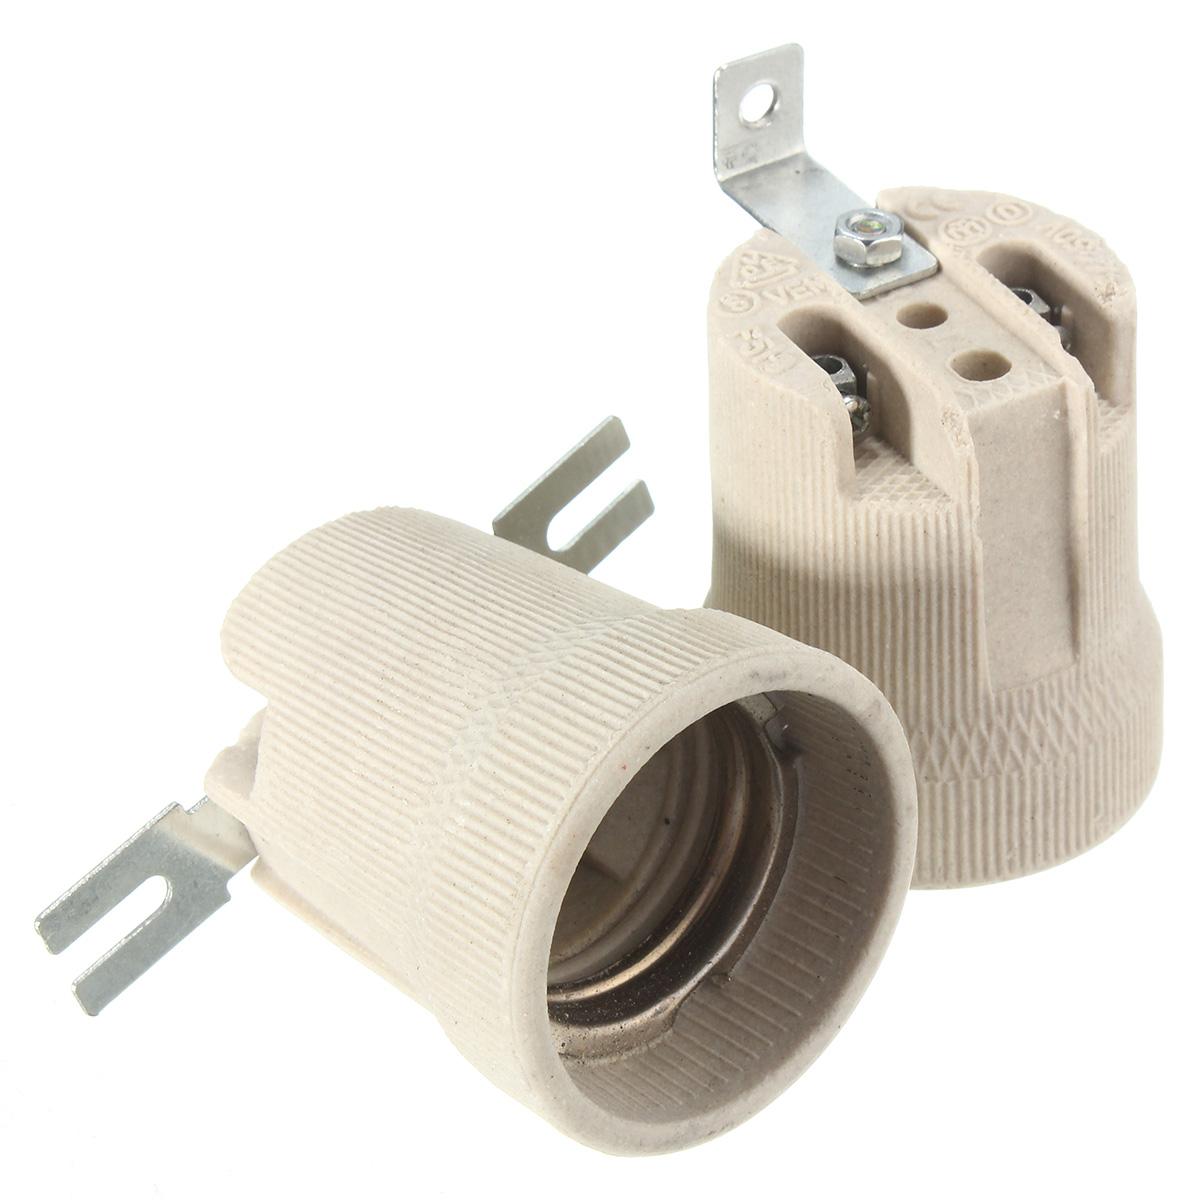 E27 Ceramic Lamp Holder Socket Fittings Screw Bulb Adapter